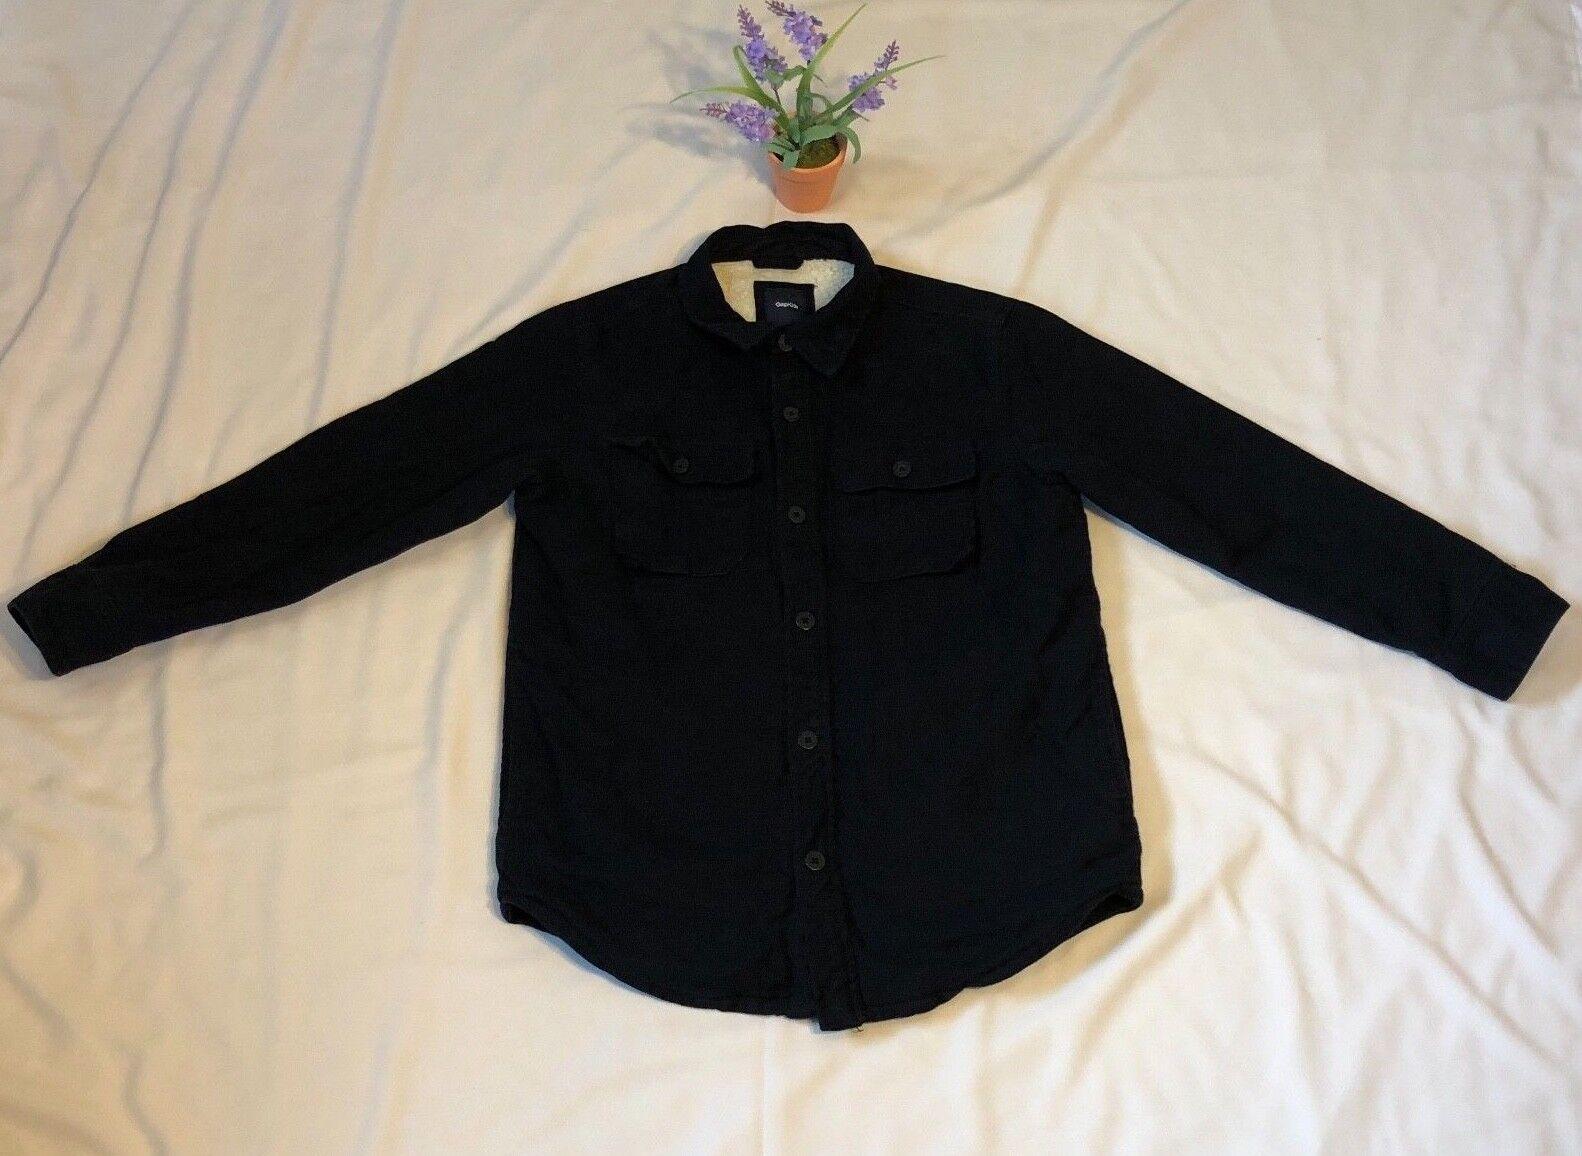 VGC Gapkids Boy Jacket aus LG (10-11) Dunkelblau / Weiß Herbst Winter Schule lässig